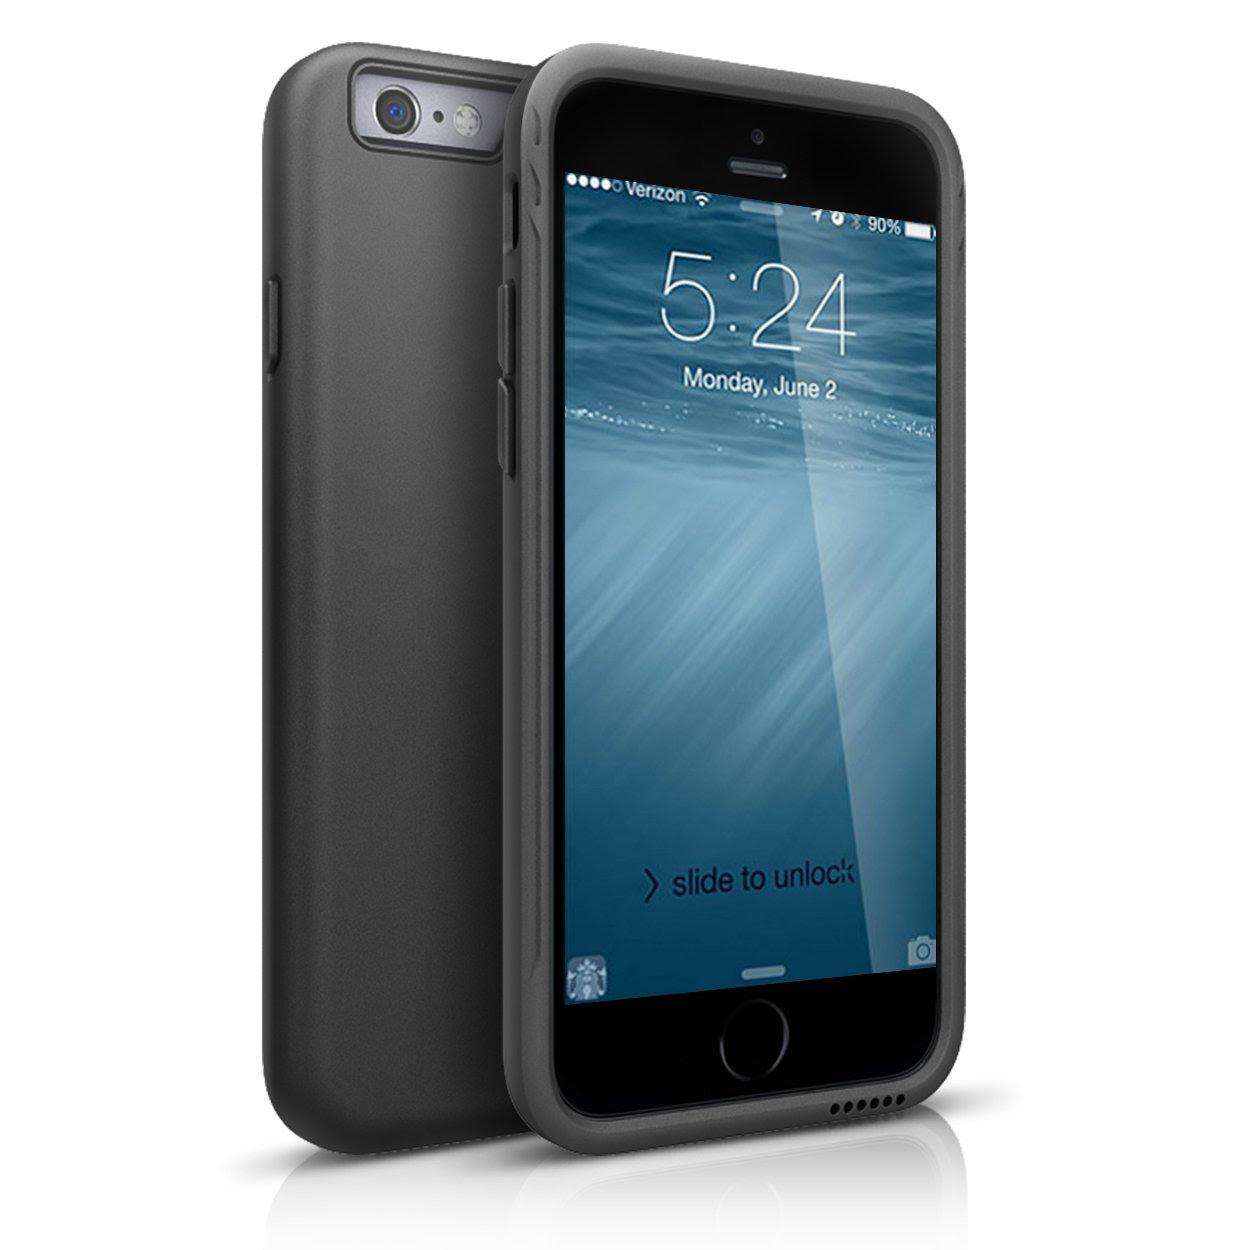 iPhone 6 Case, Maxboost DuraSLIM Series Soft TPU Bumper